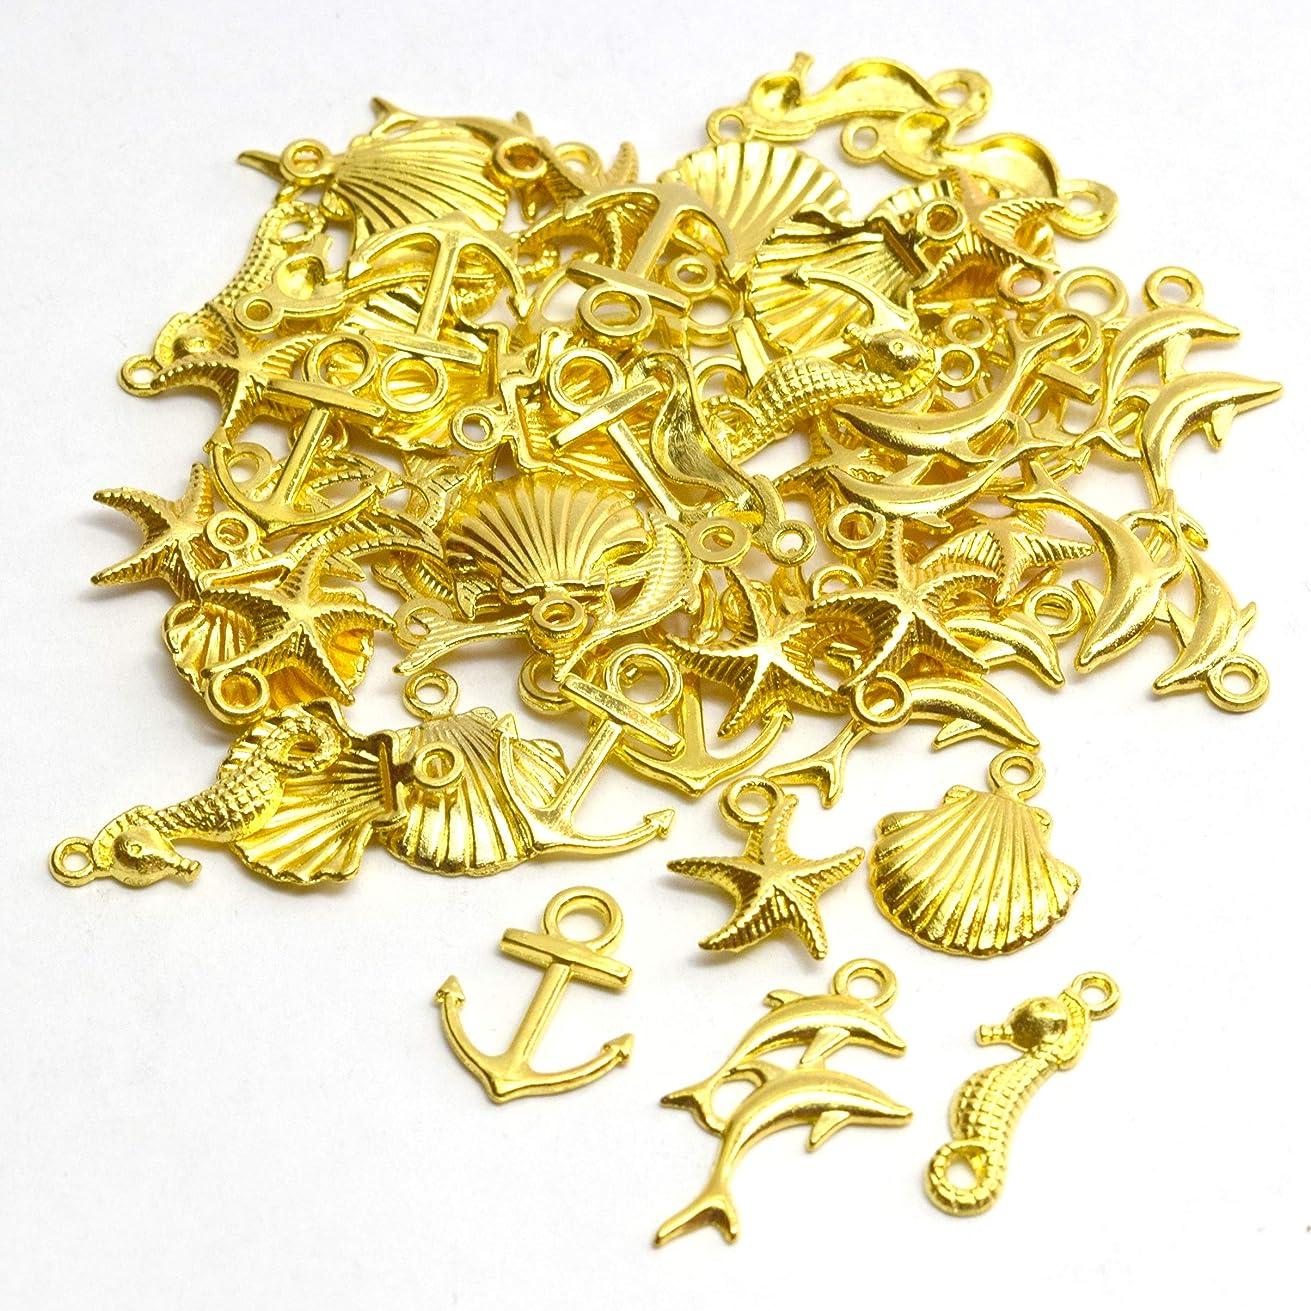 航空物理学者感動するNALER約115個ゴールド鈴 手芸用品 ベルスズ すず ハンドメイド小物 御守りに イベントひな祭り12mm